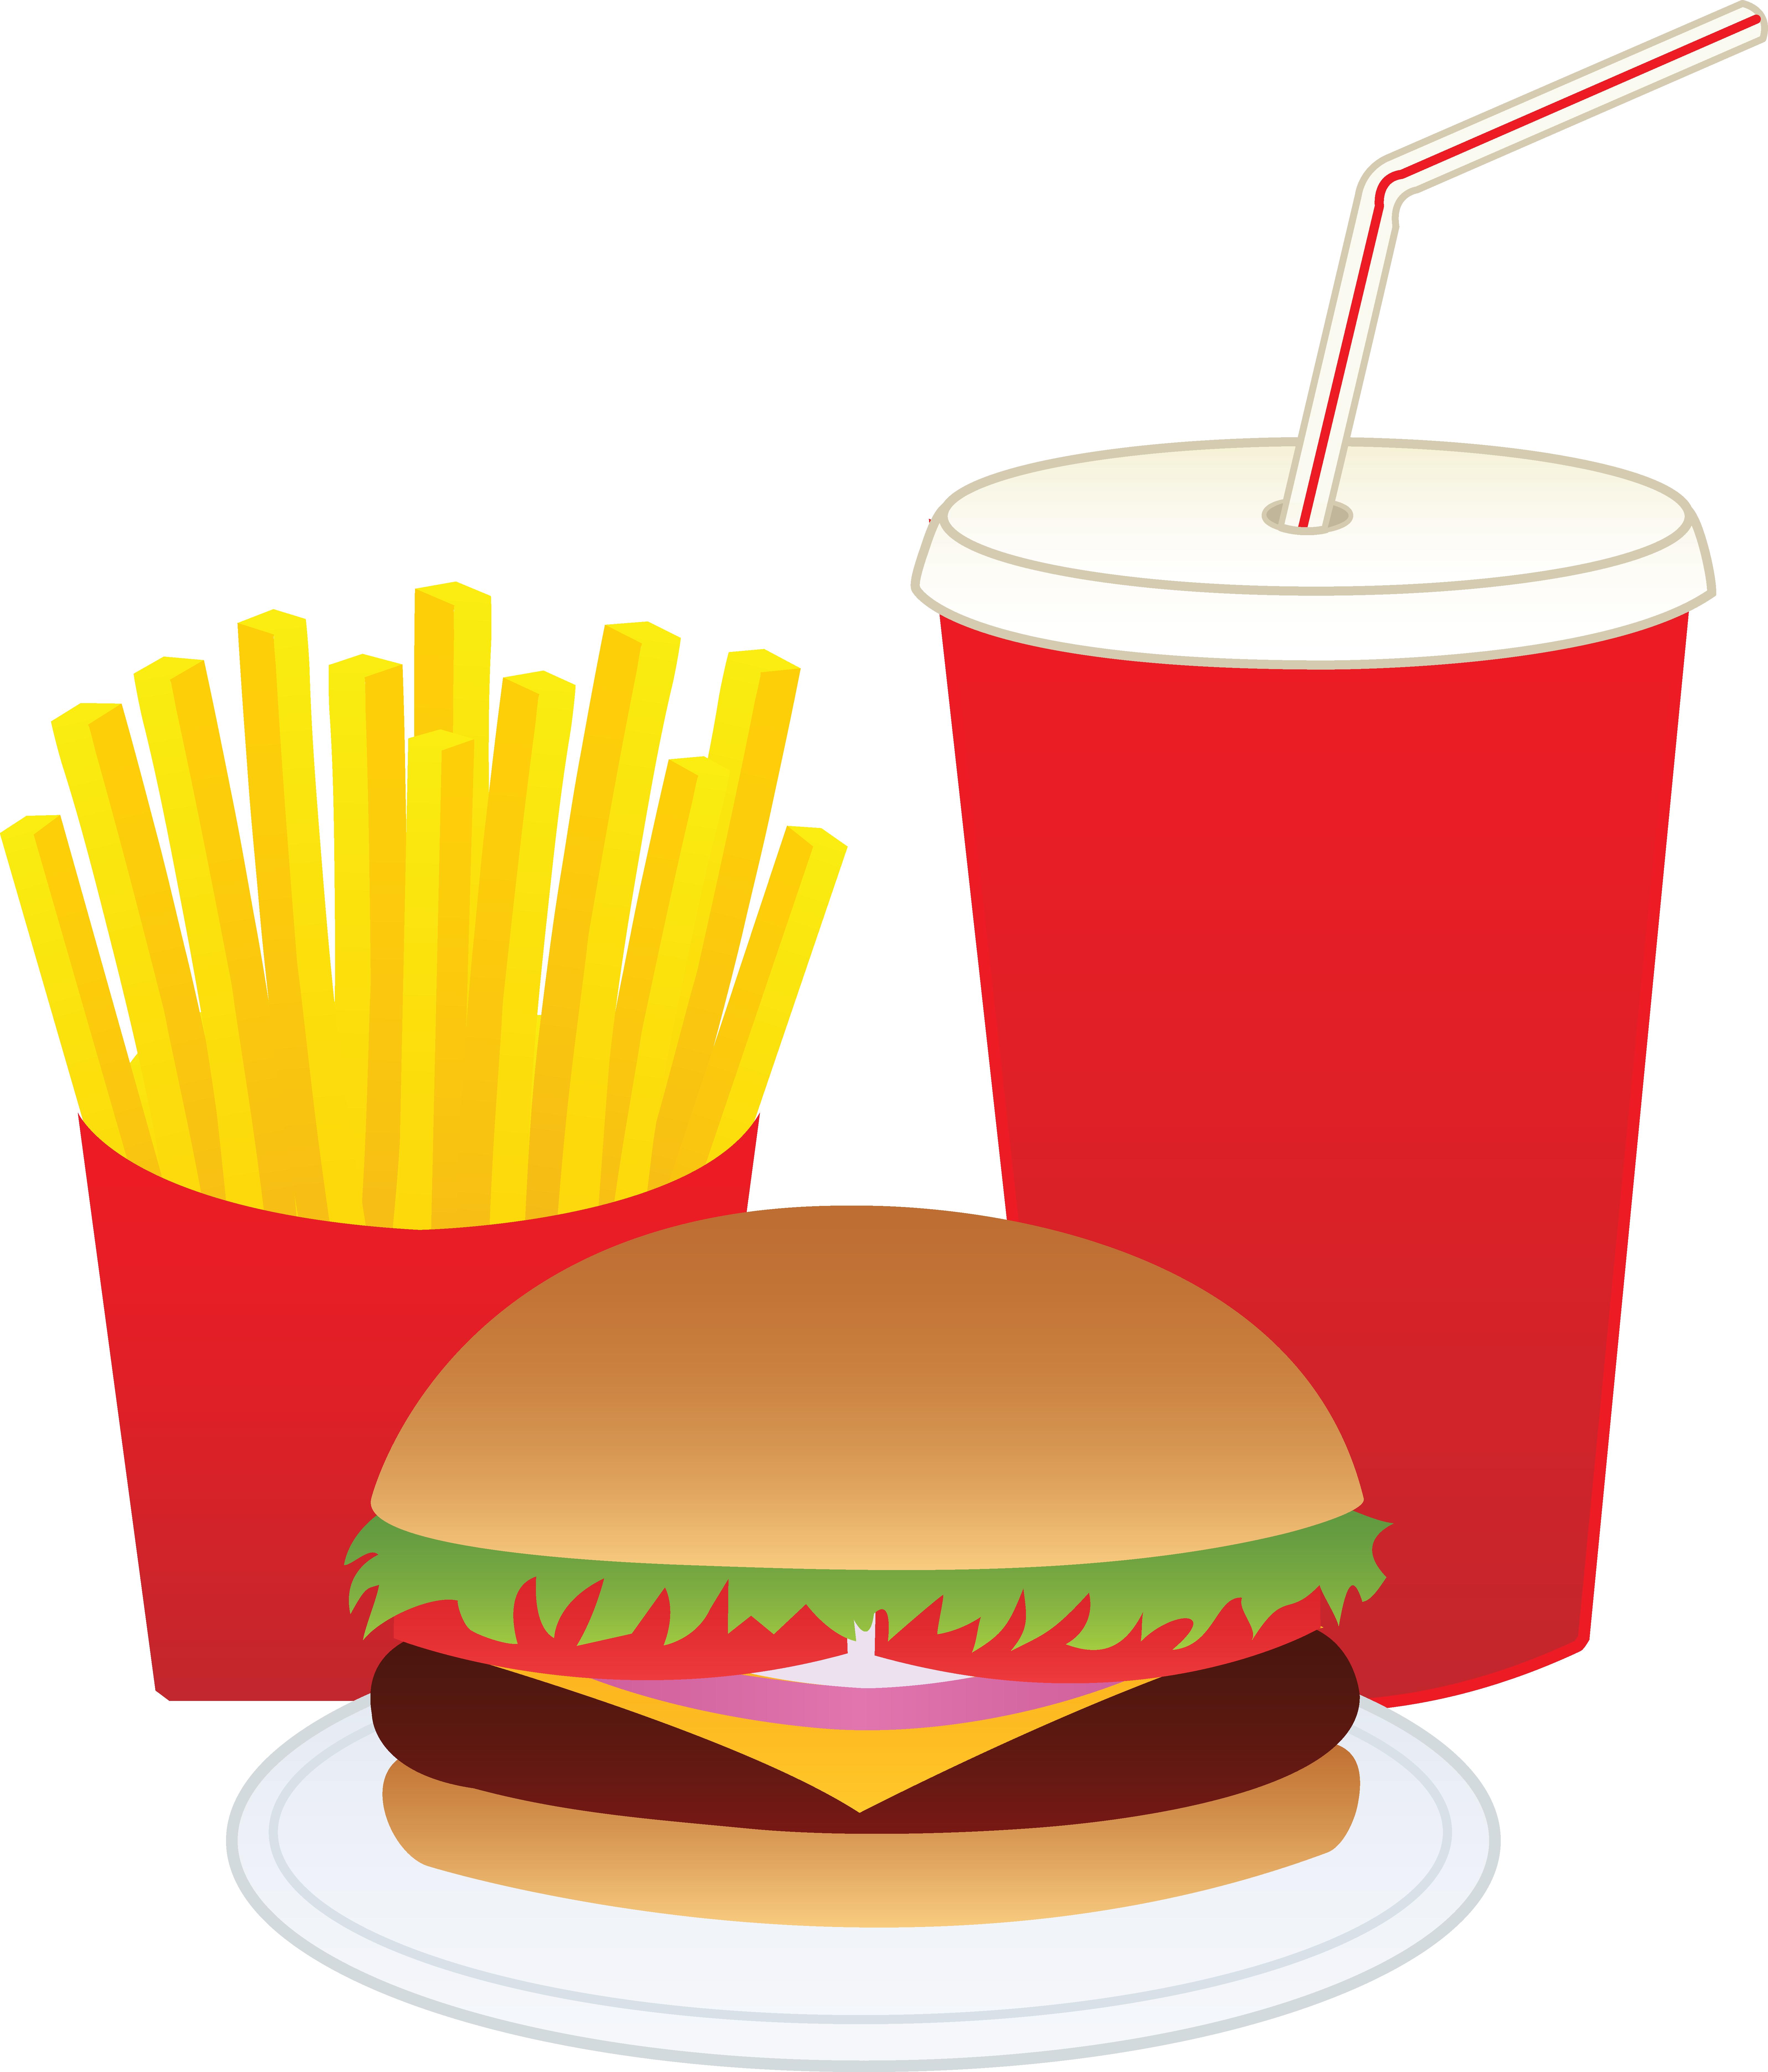 Burger clipart burger and fry Fries Hamburger and Drink Art